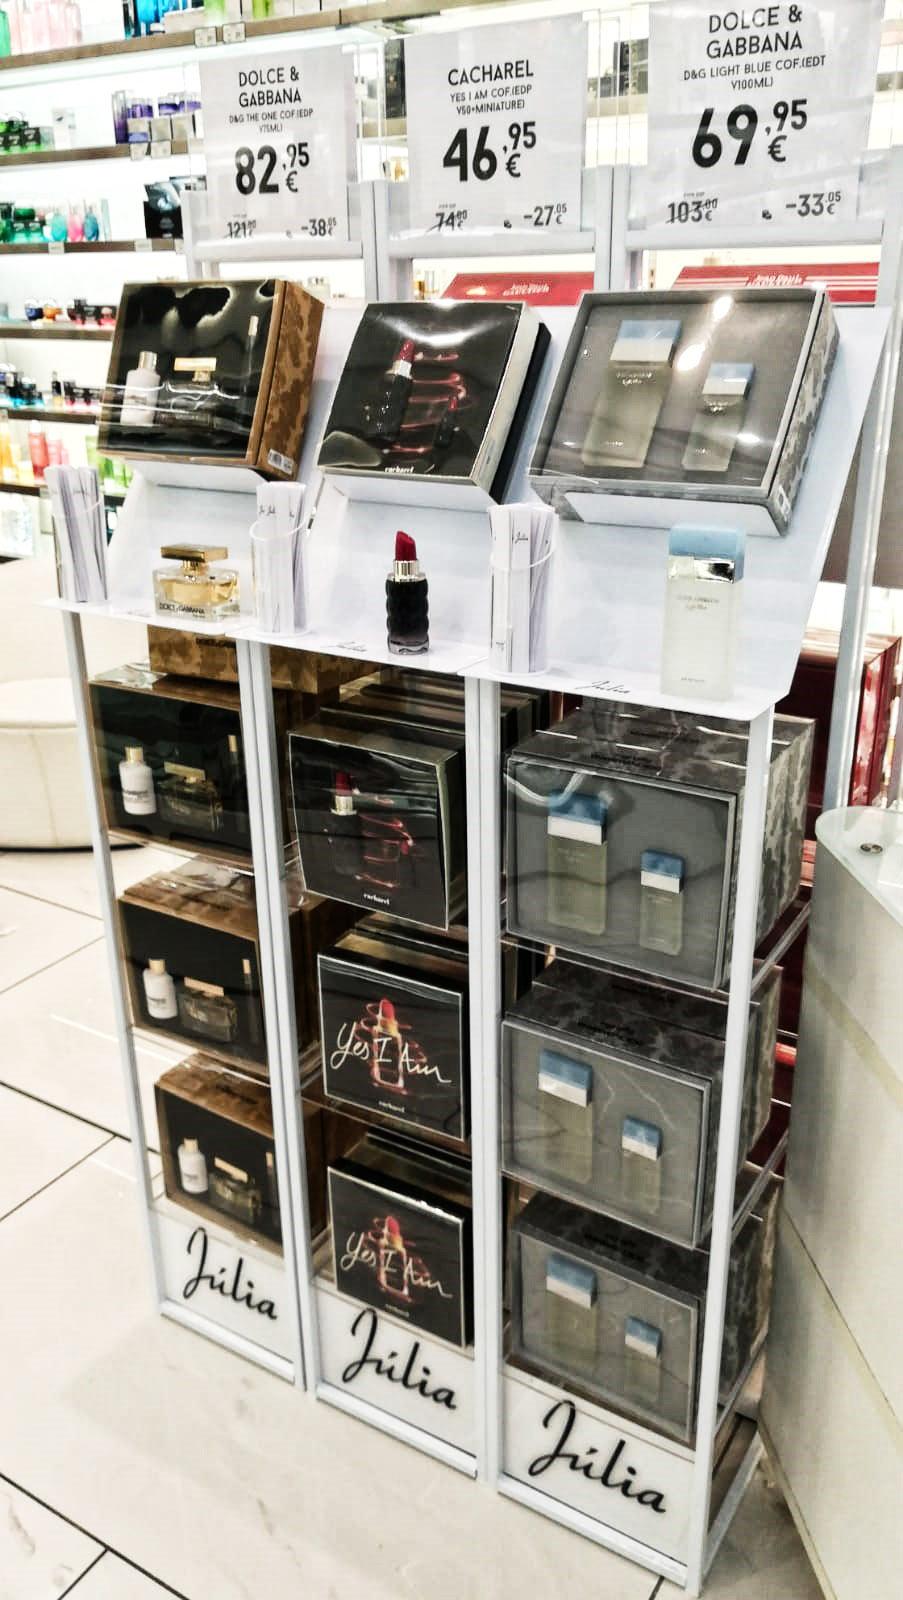 expositor perfumes con precios perfumes Juliá